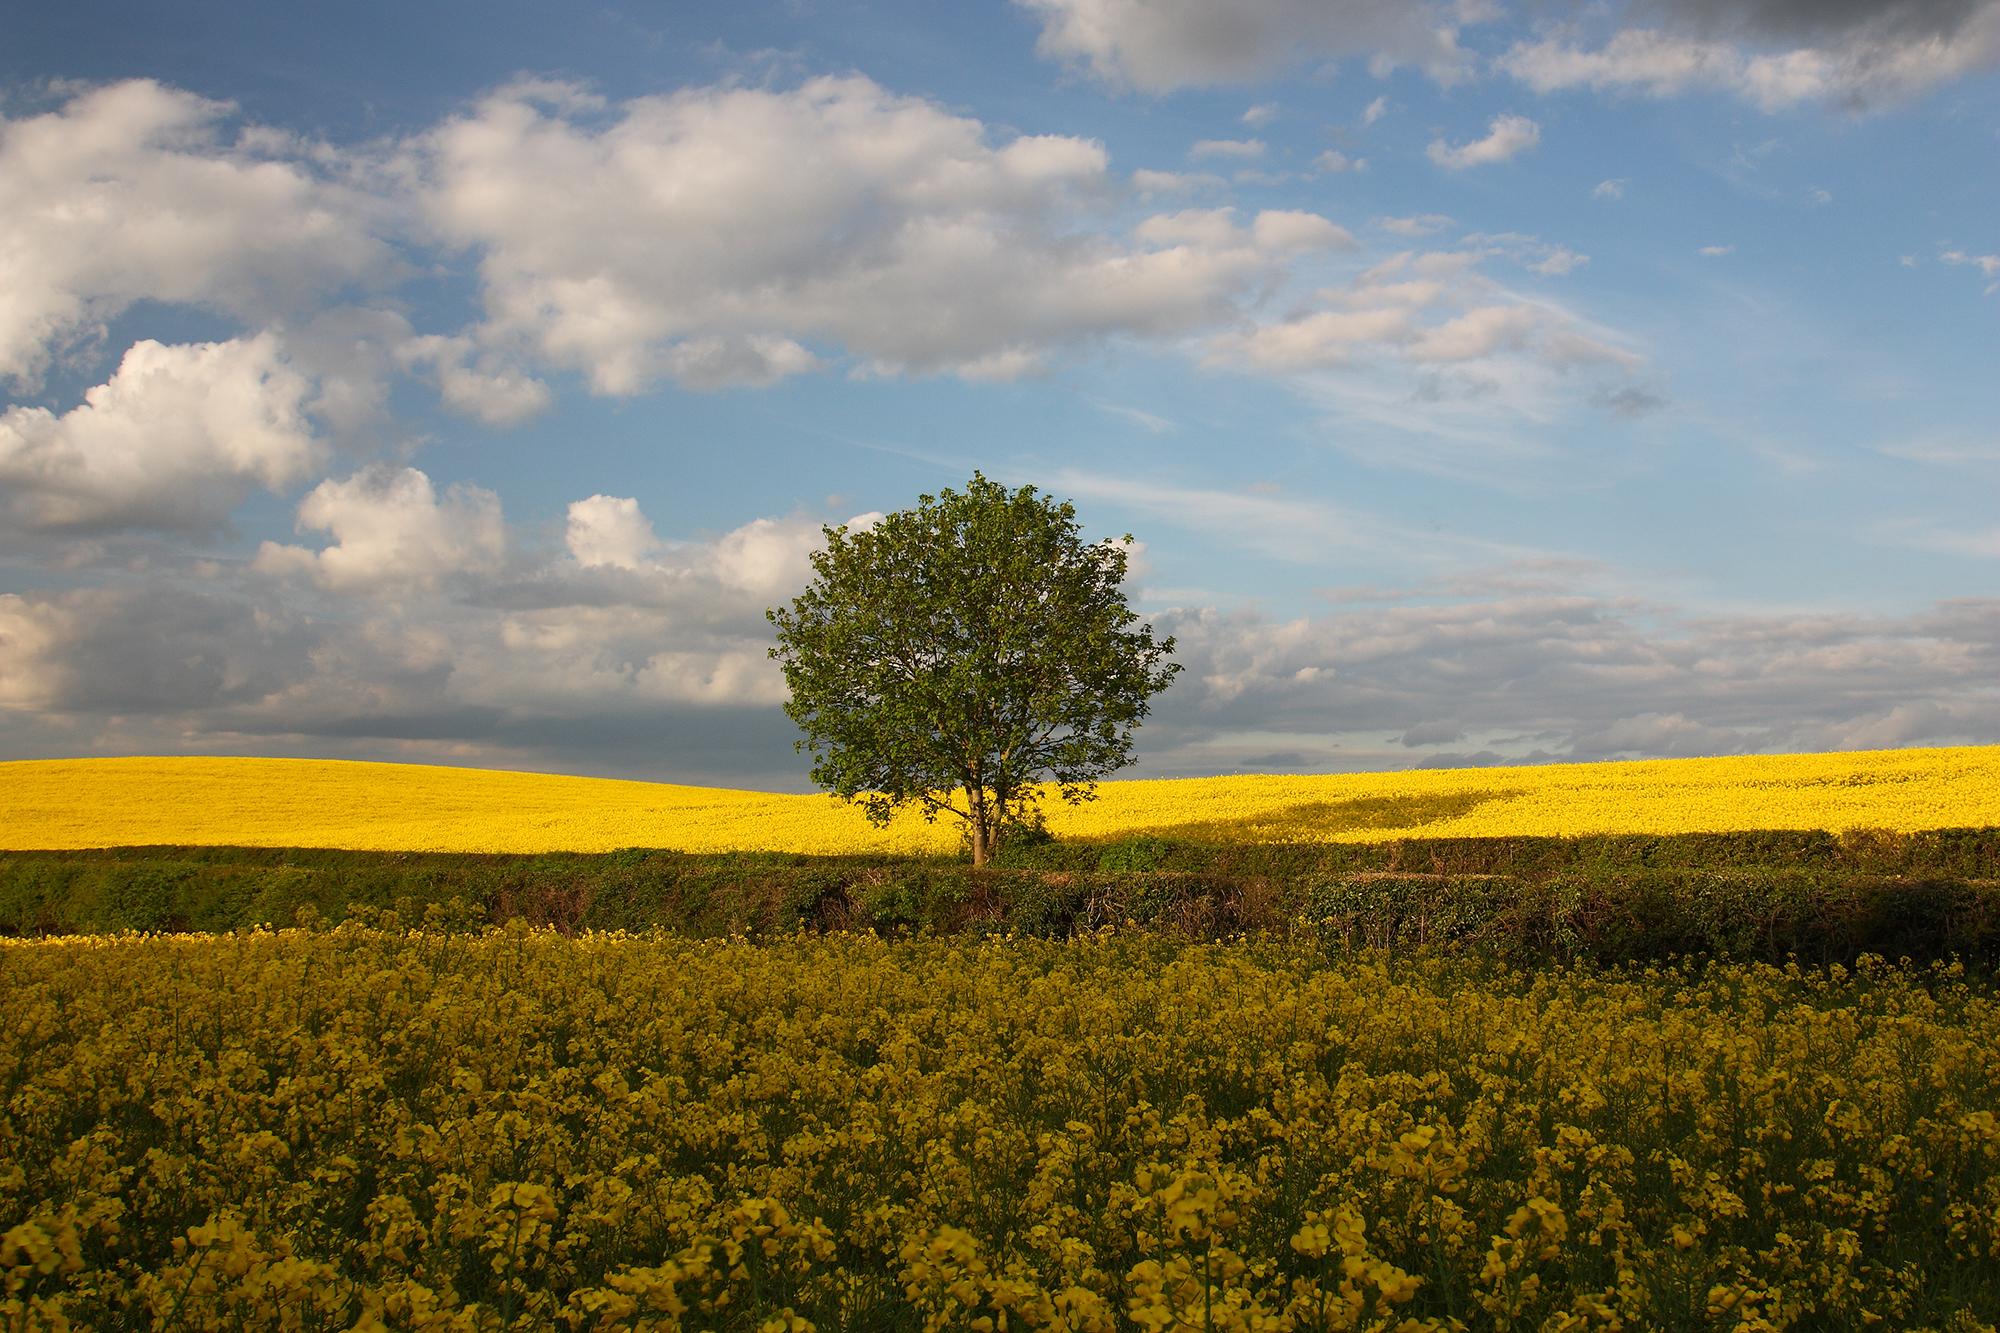 tree_yellow_3.jpg